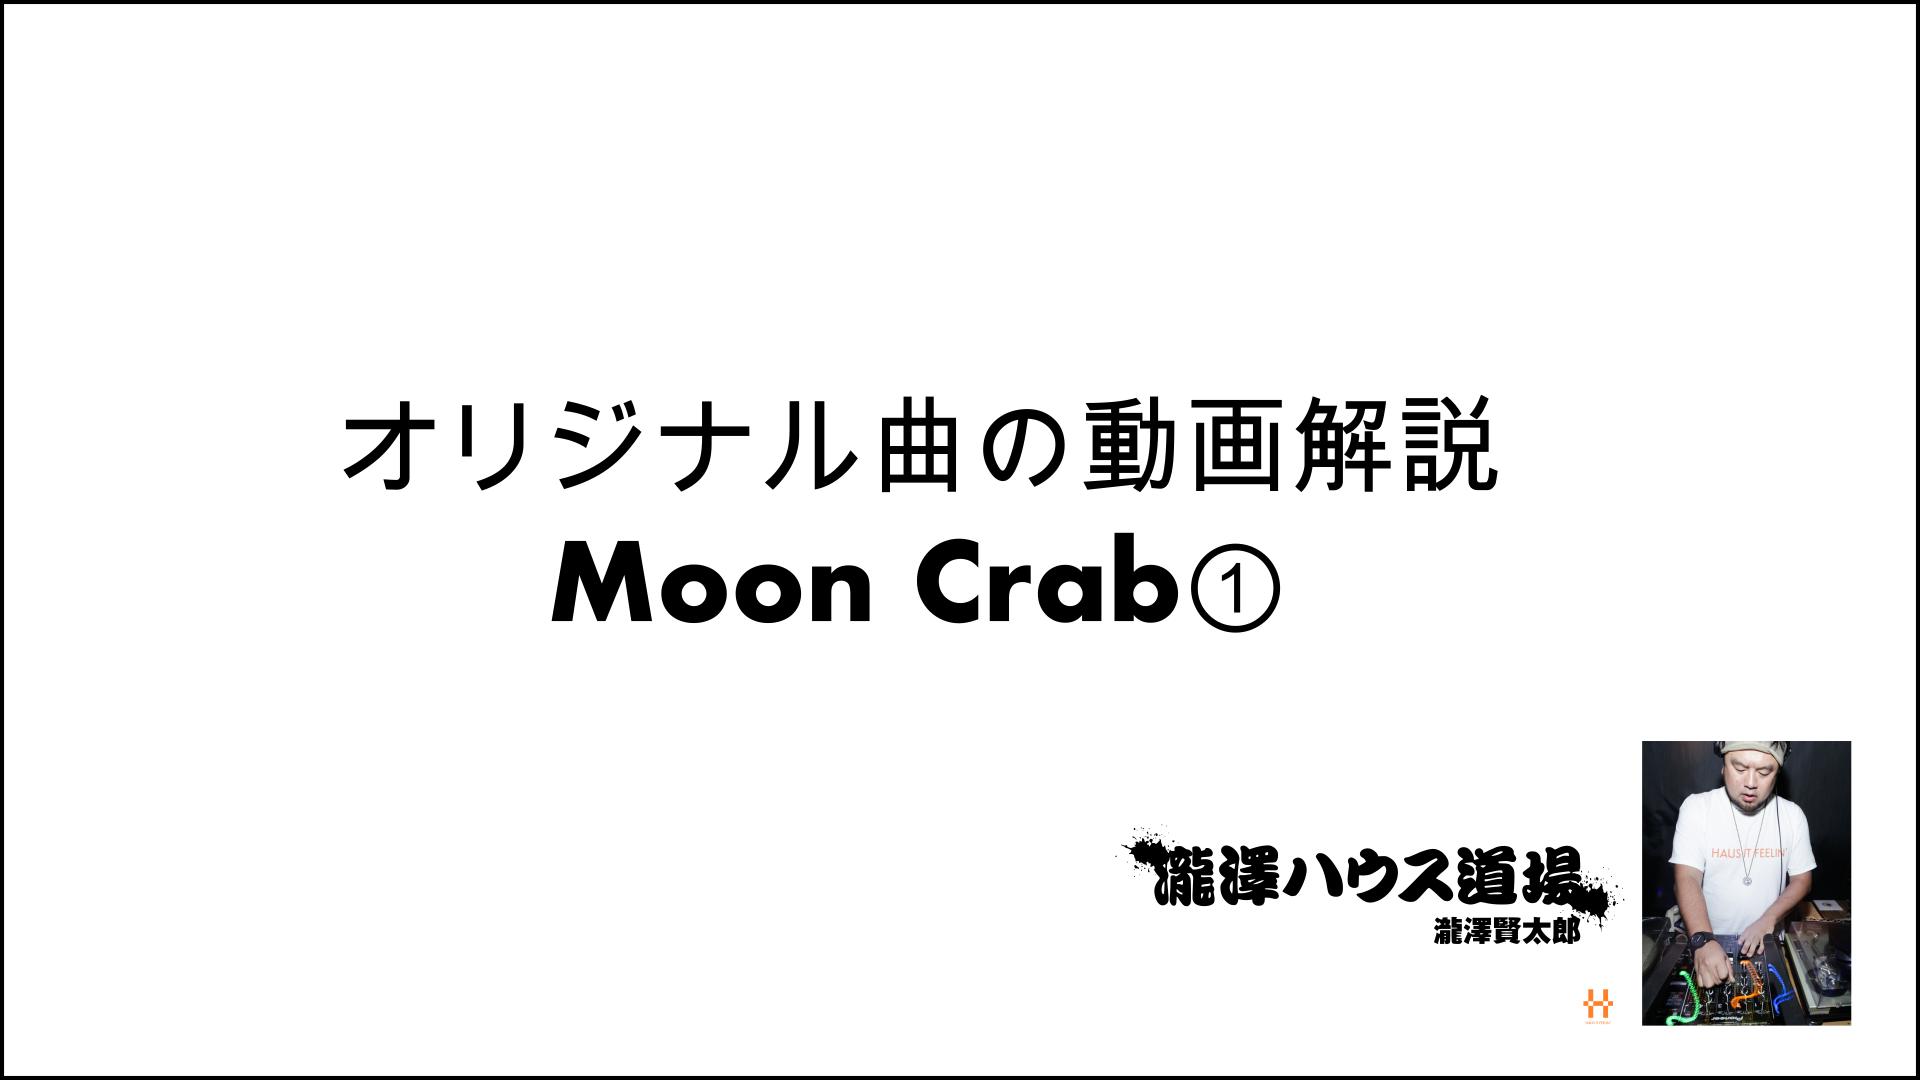 オリジナル曲の動画解説 Moon Crab①